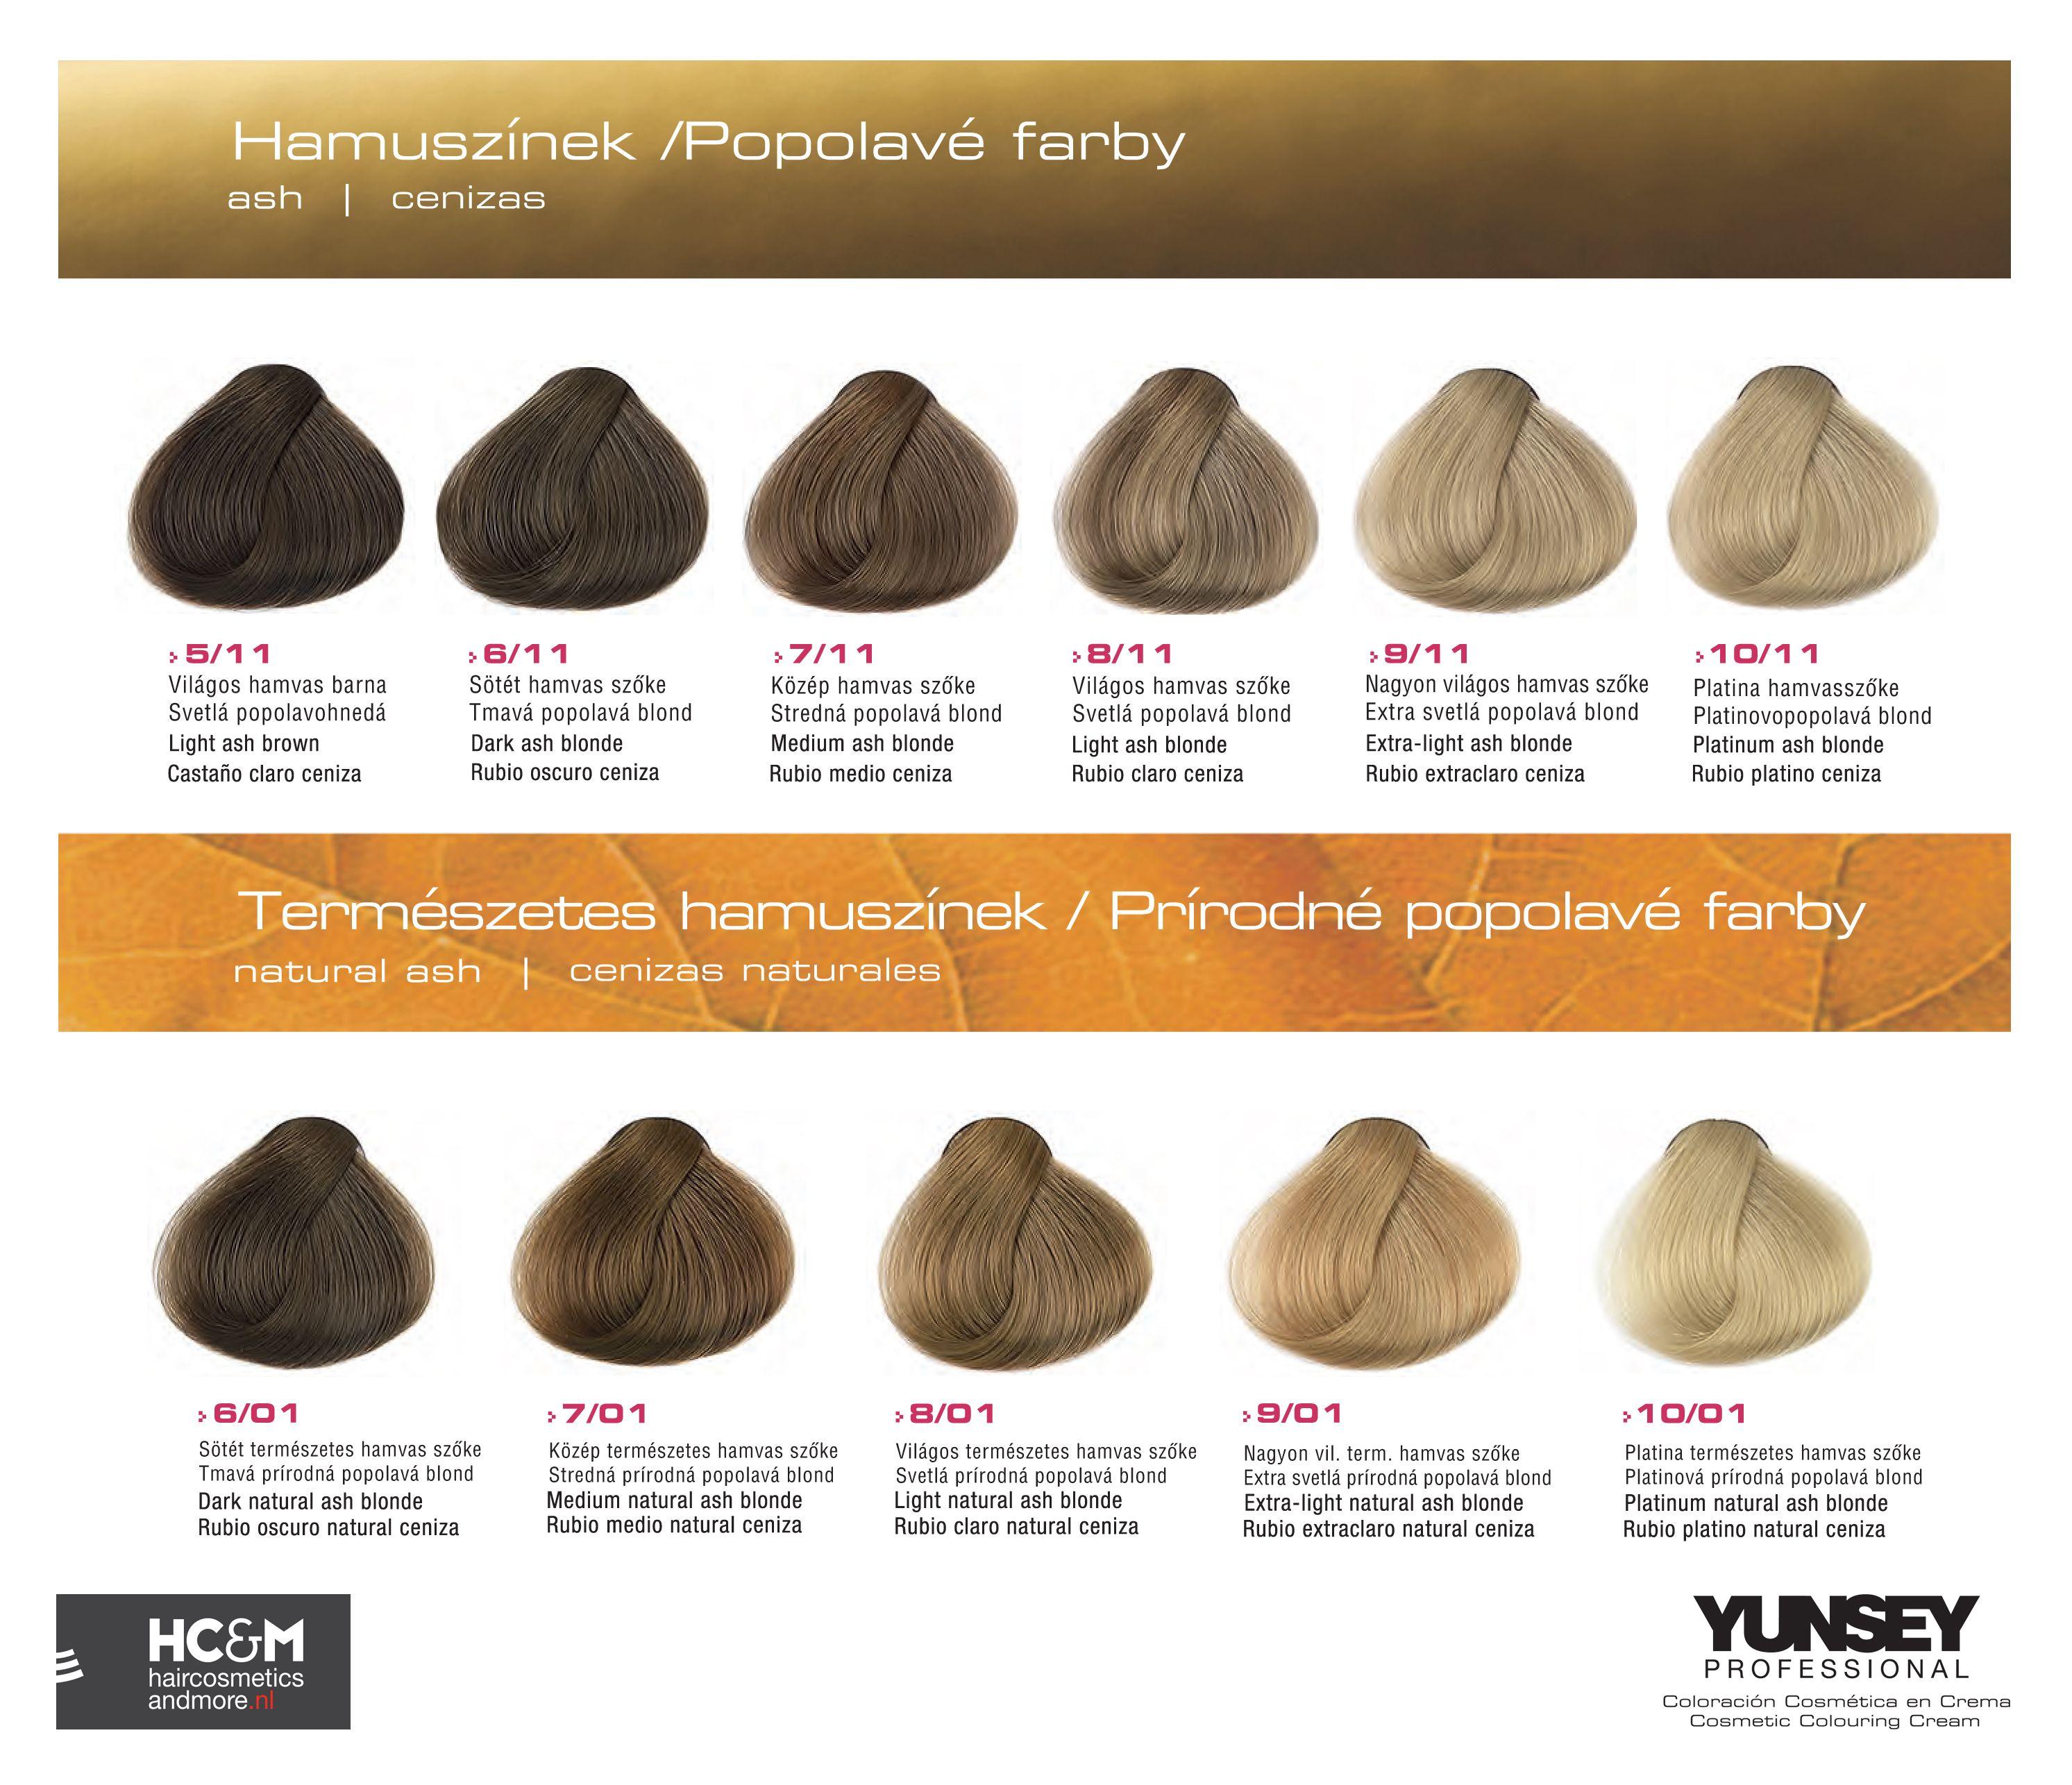 Tonos De Rubio Carta De Colores Yunsey Hair Color Natural Ashes Tinte Colores